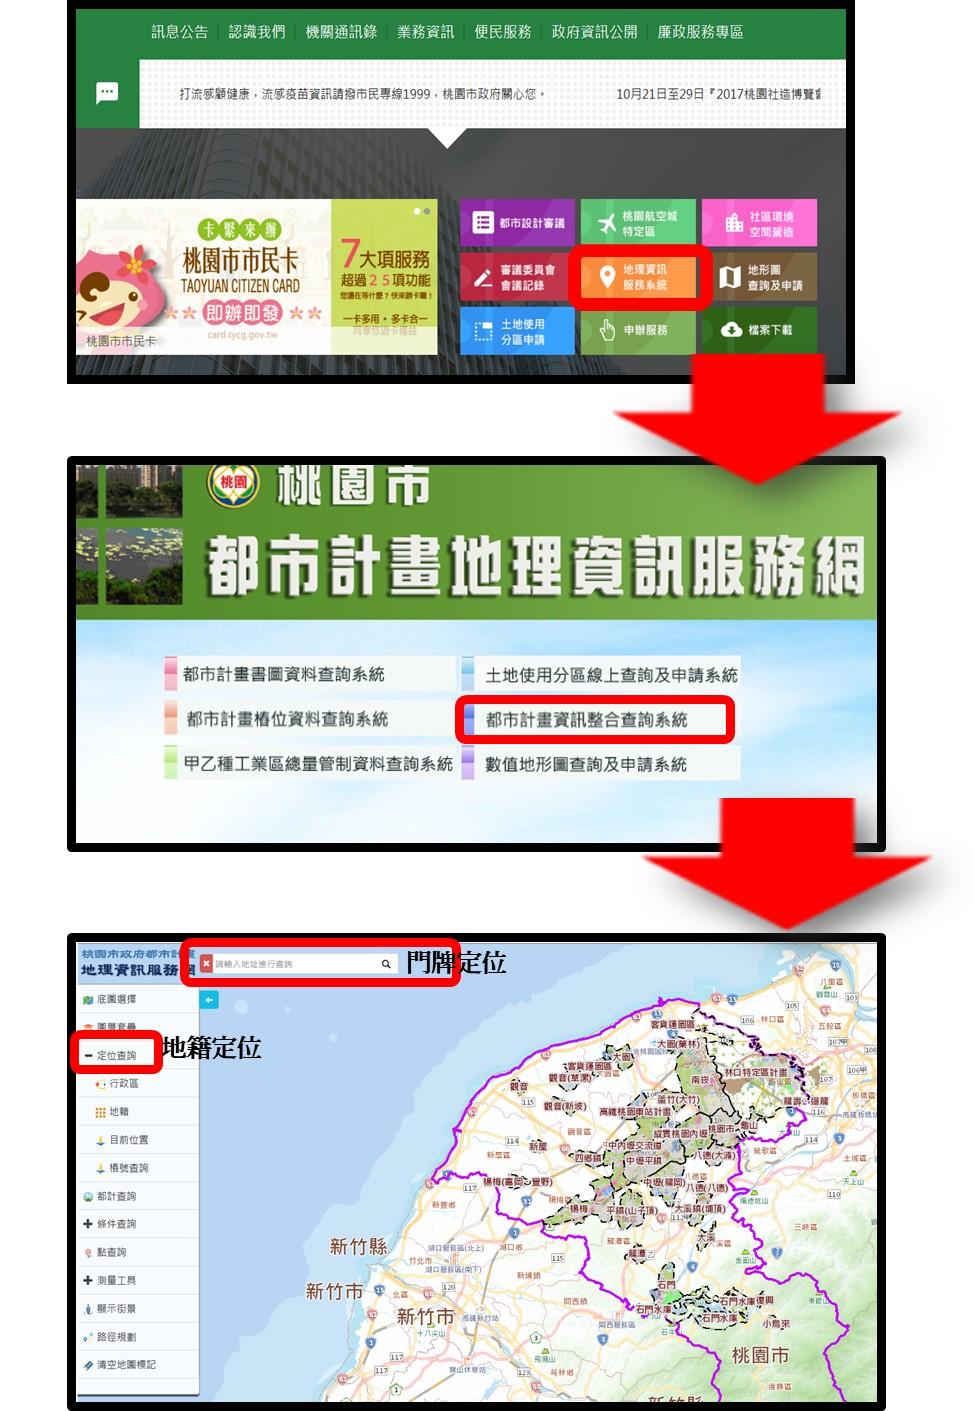 都市計畫地籍定位、門牌定位查詢